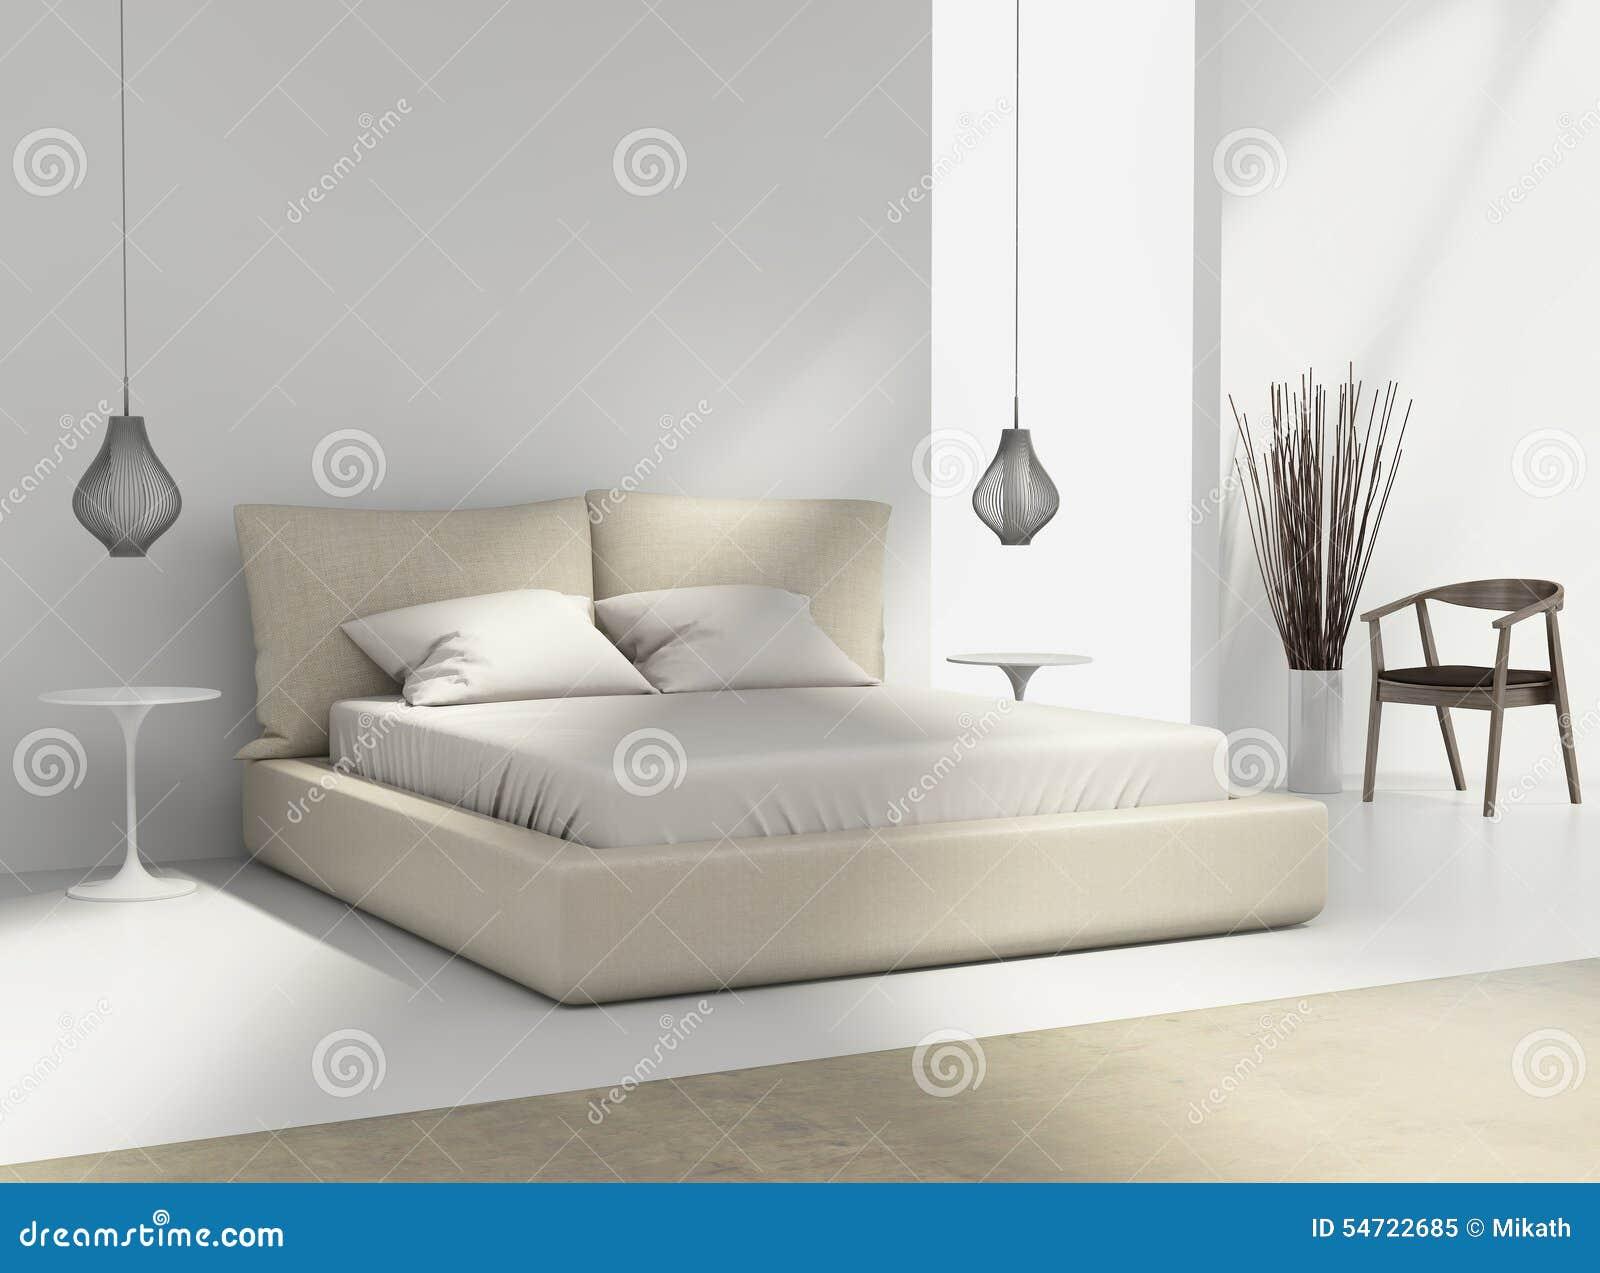 witte en beige slaapkamer met stoel en lampen